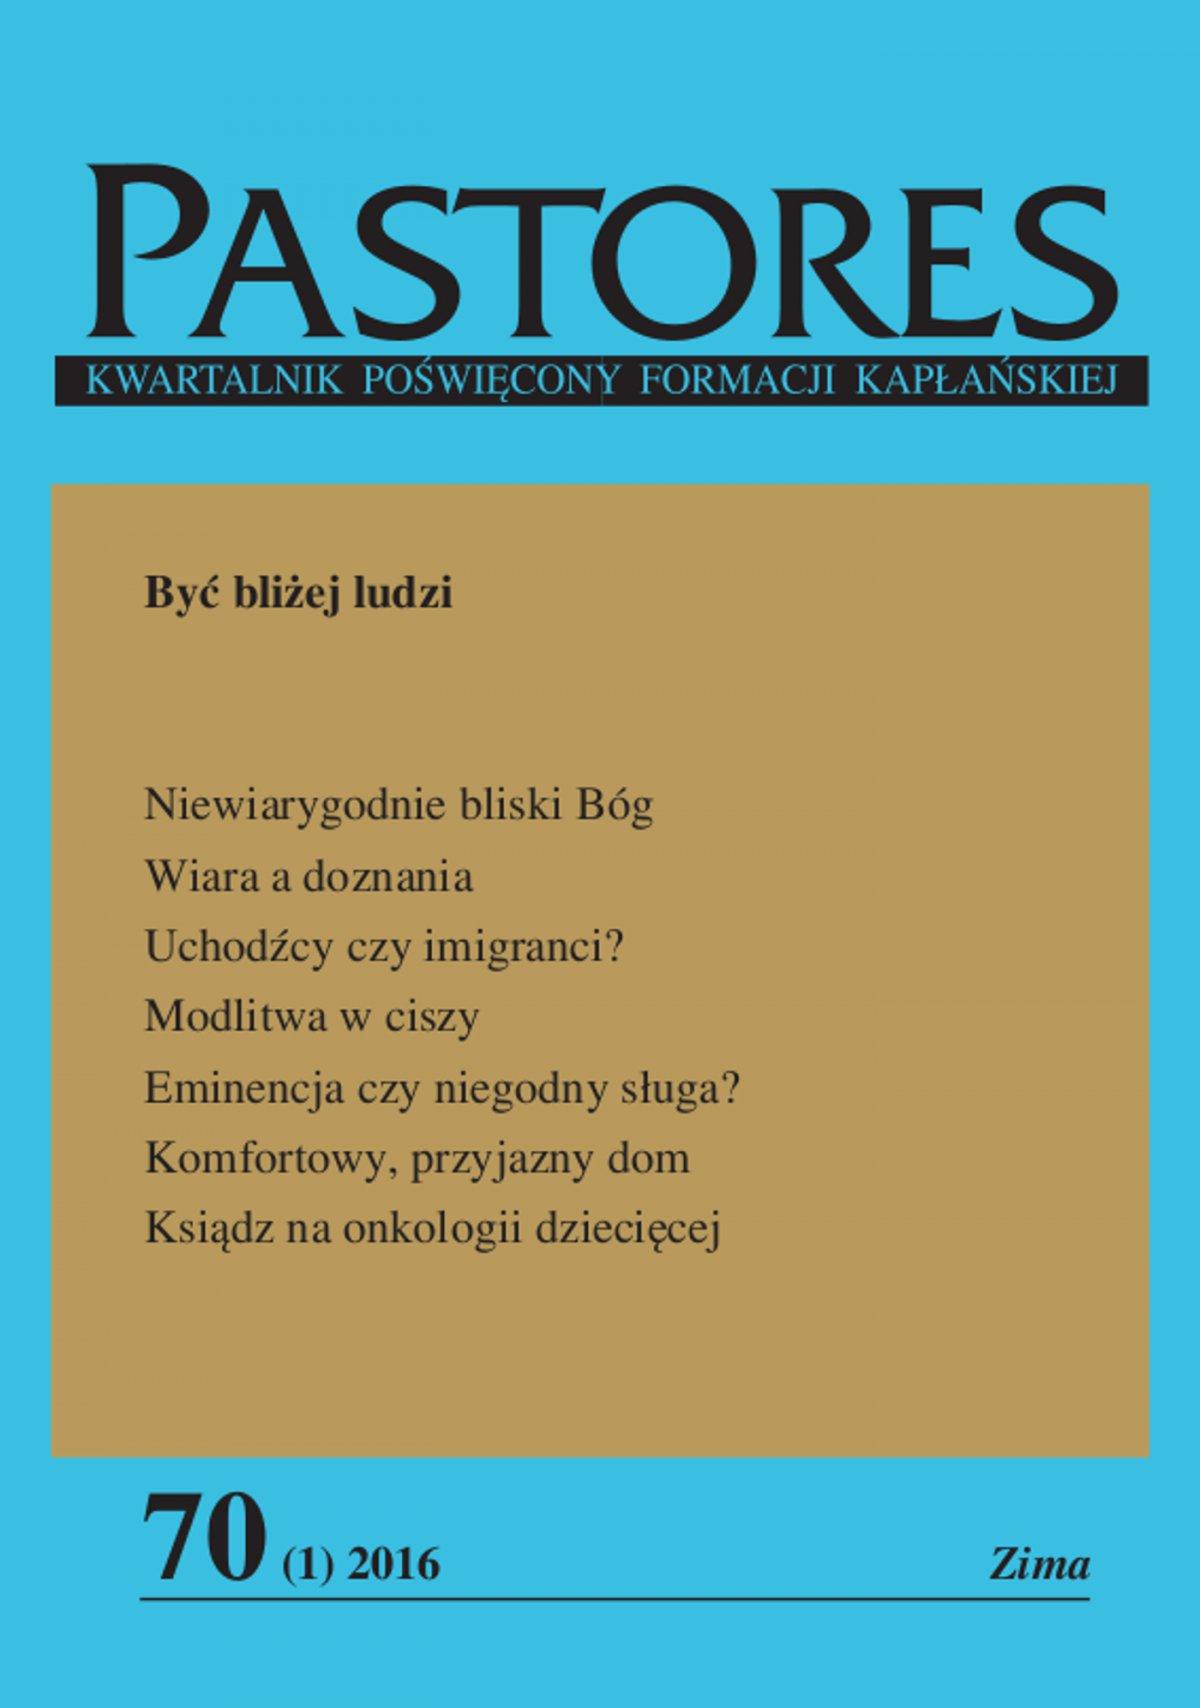 Pastores 70 (1) 2016 - Ebook (Książka EPUB) do pobrania w formacie EPUB